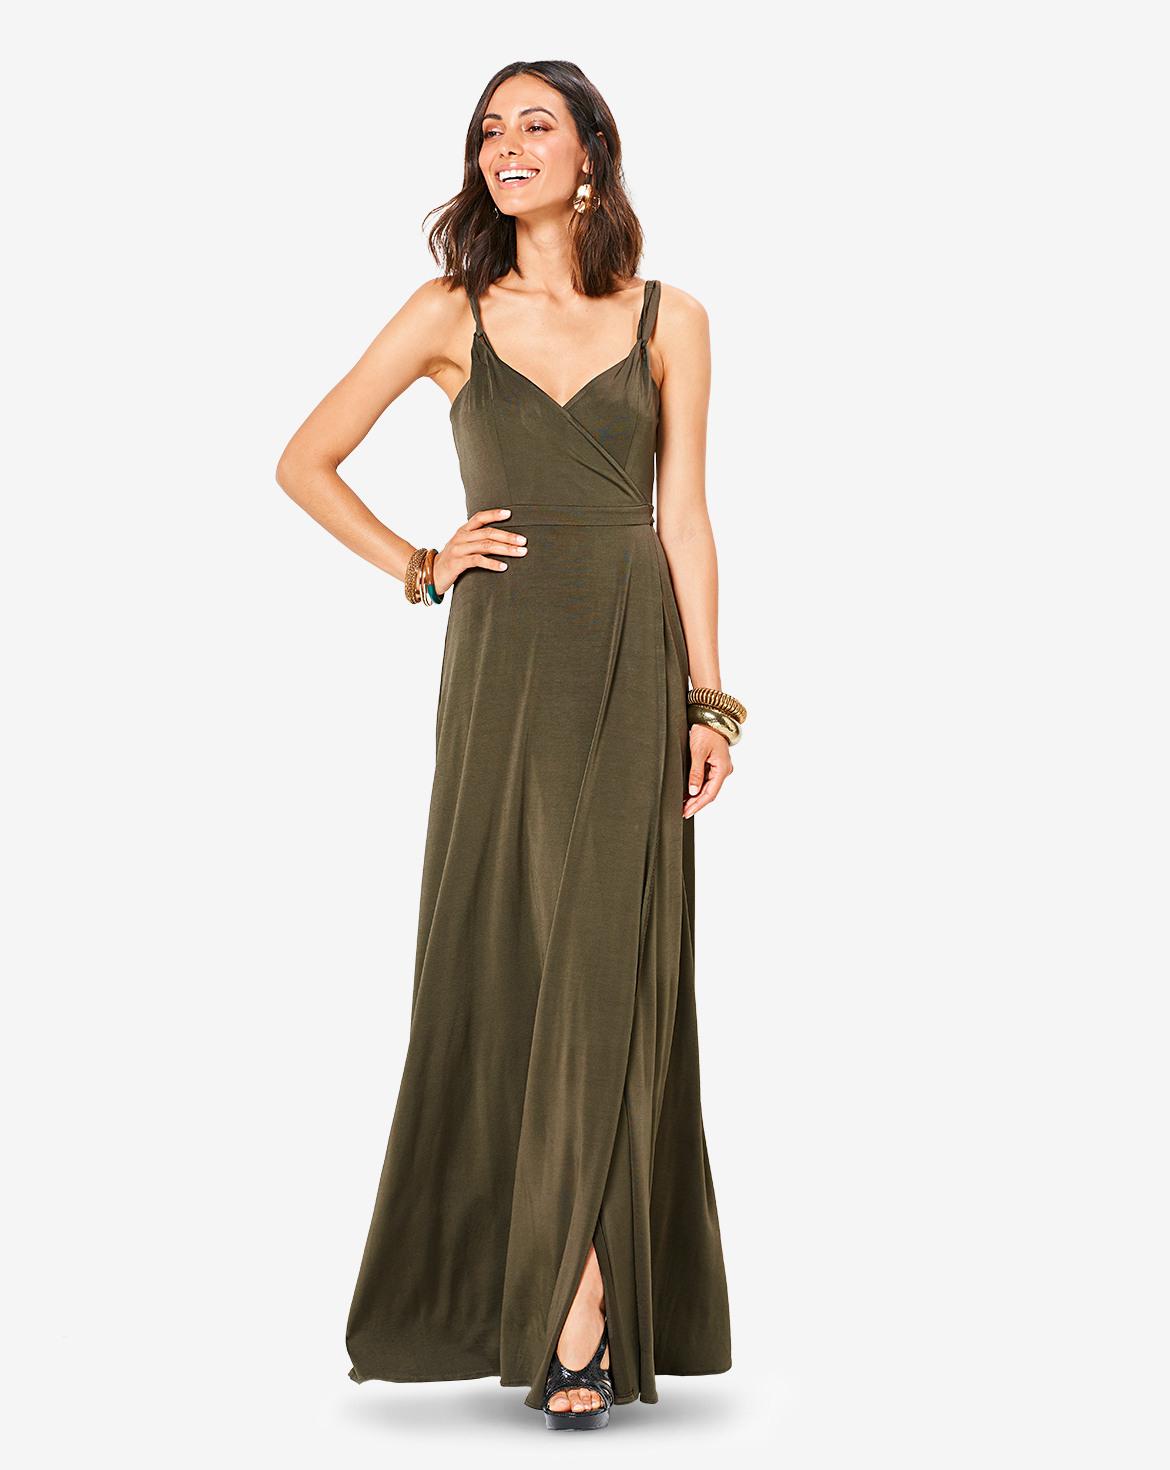 Designer Perfekt Abendkleid Selber Nähen für 2019 Einfach Abendkleid Selber Nähen Spezialgebiet